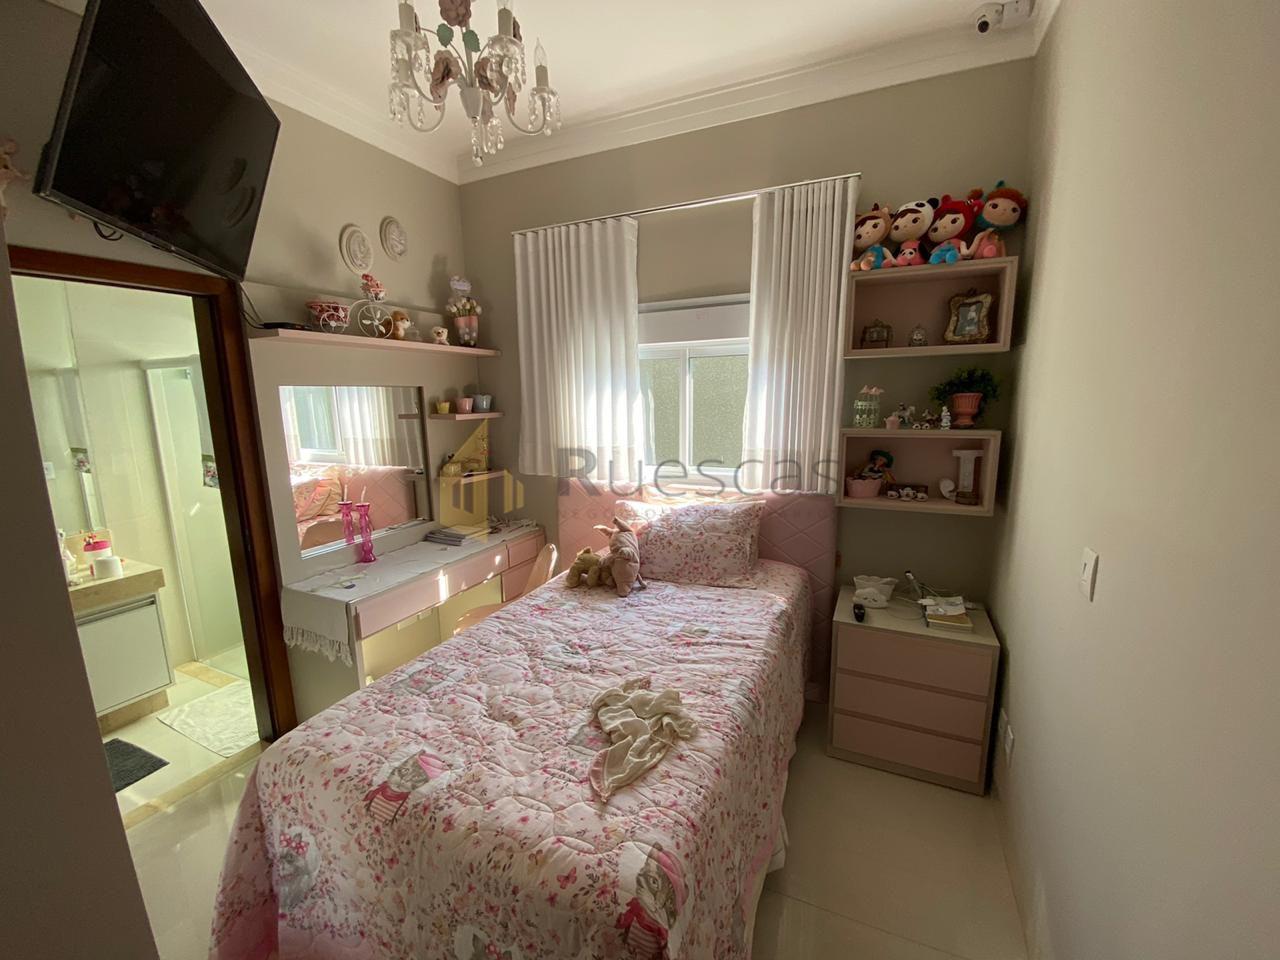 Casa em Condomínio 3 quartos à venda Parque Residencial Damha VI, São José do Rio Preto - R$ 1.500.000 - 1168 - 21